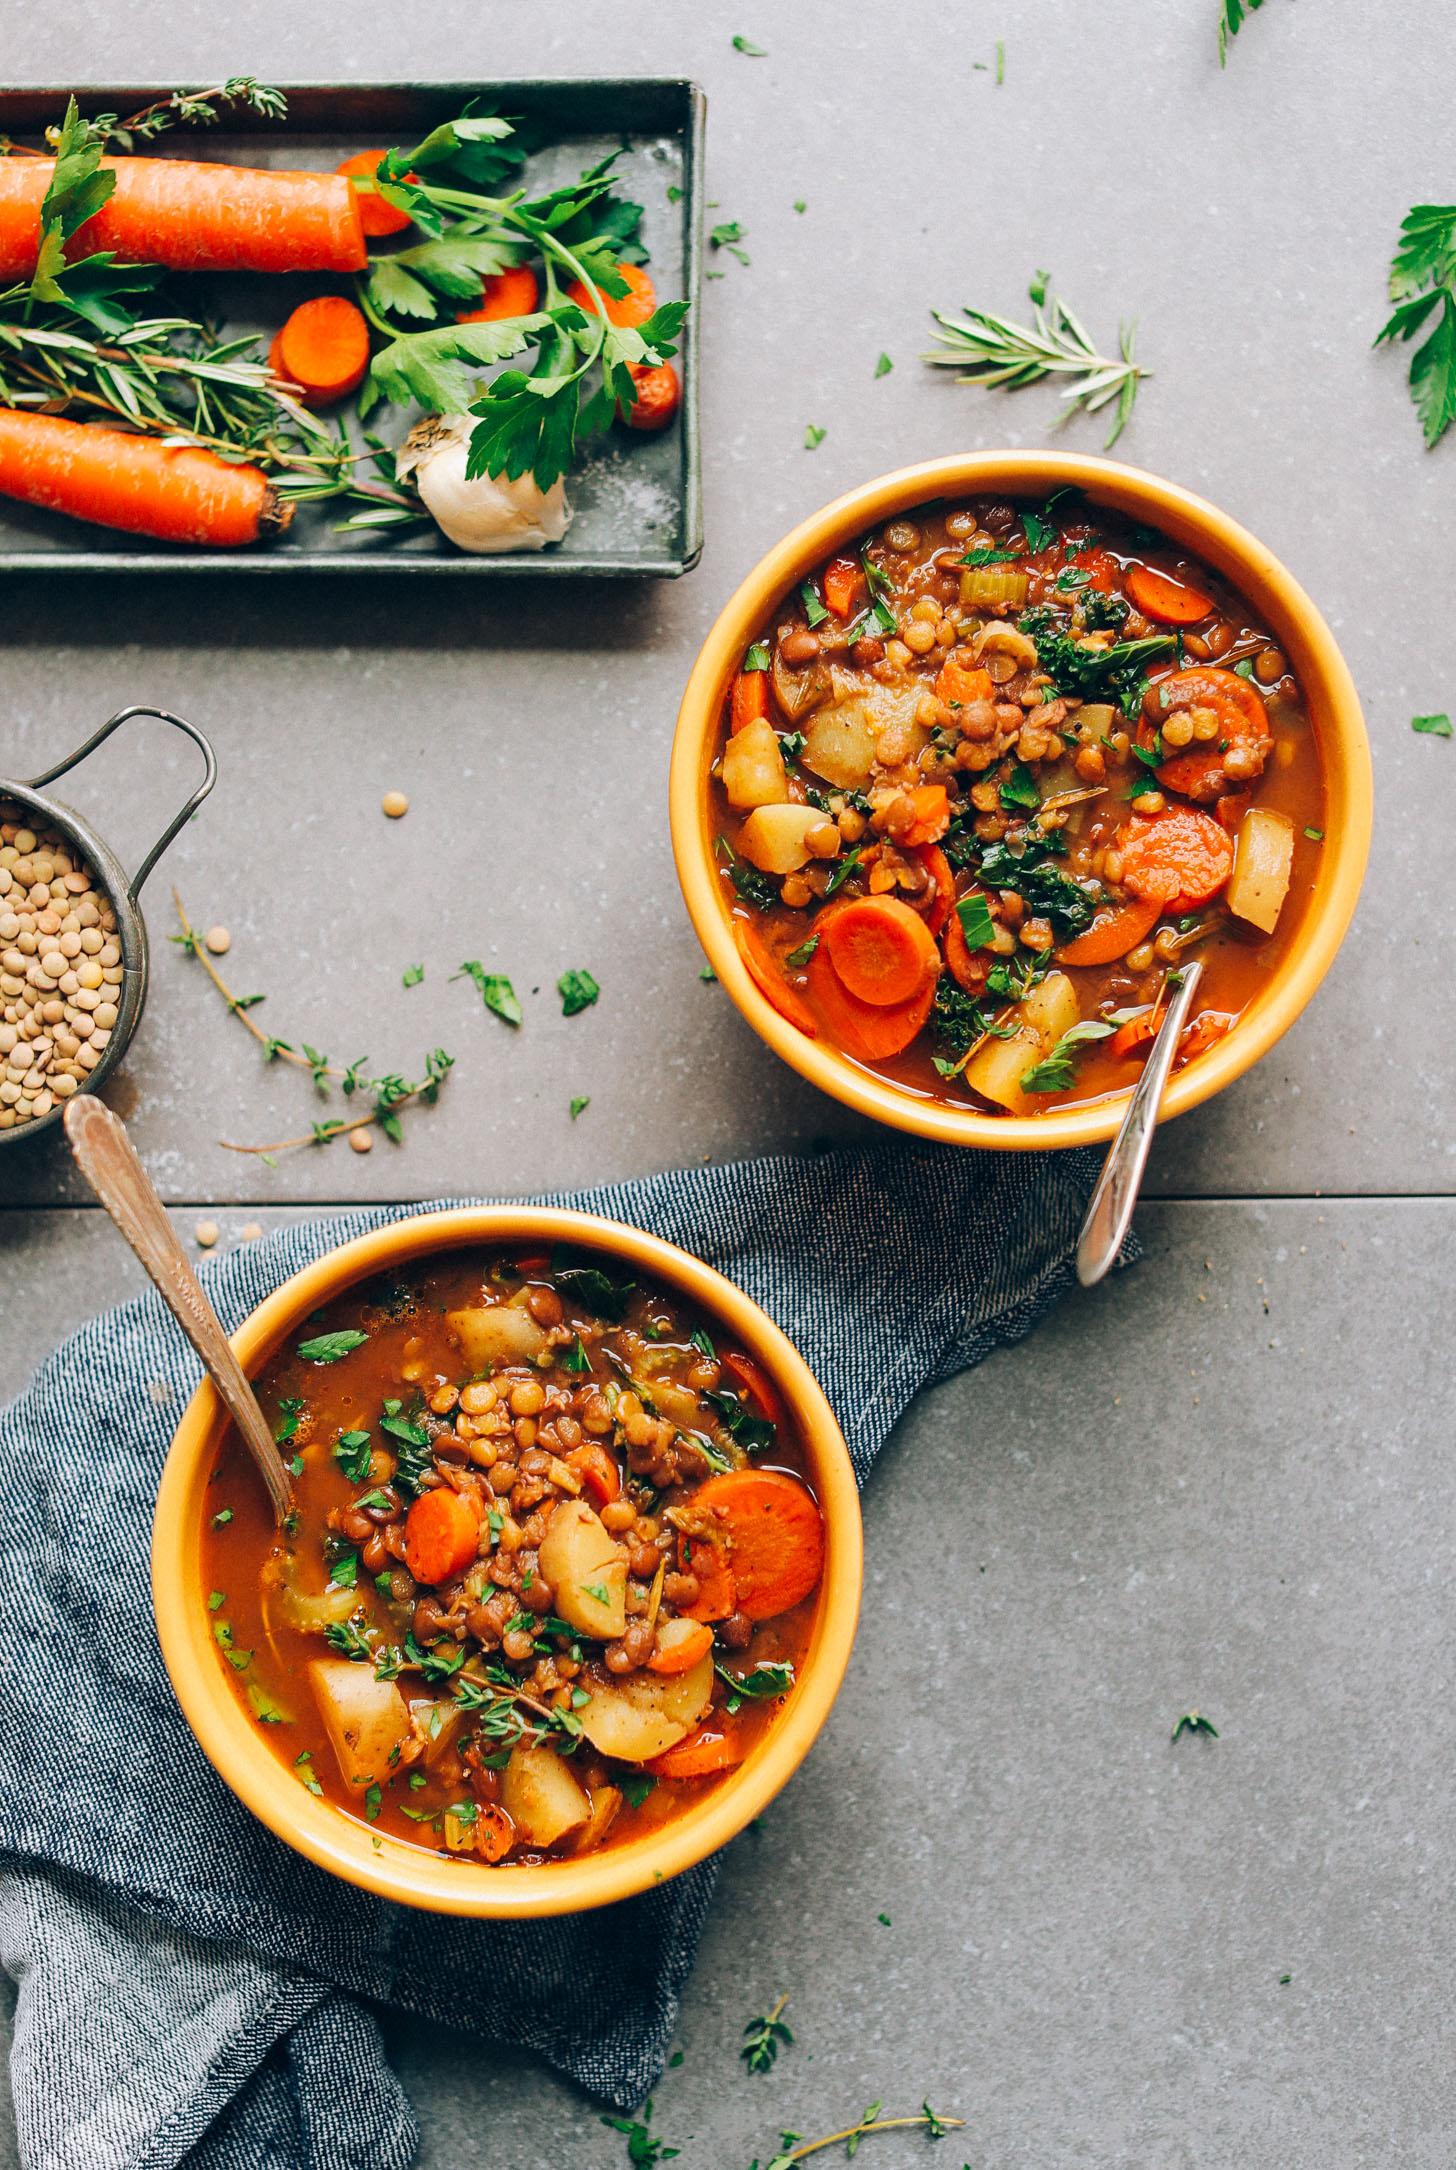 Brzi i jednostavni zimski recepti: Supa od leće